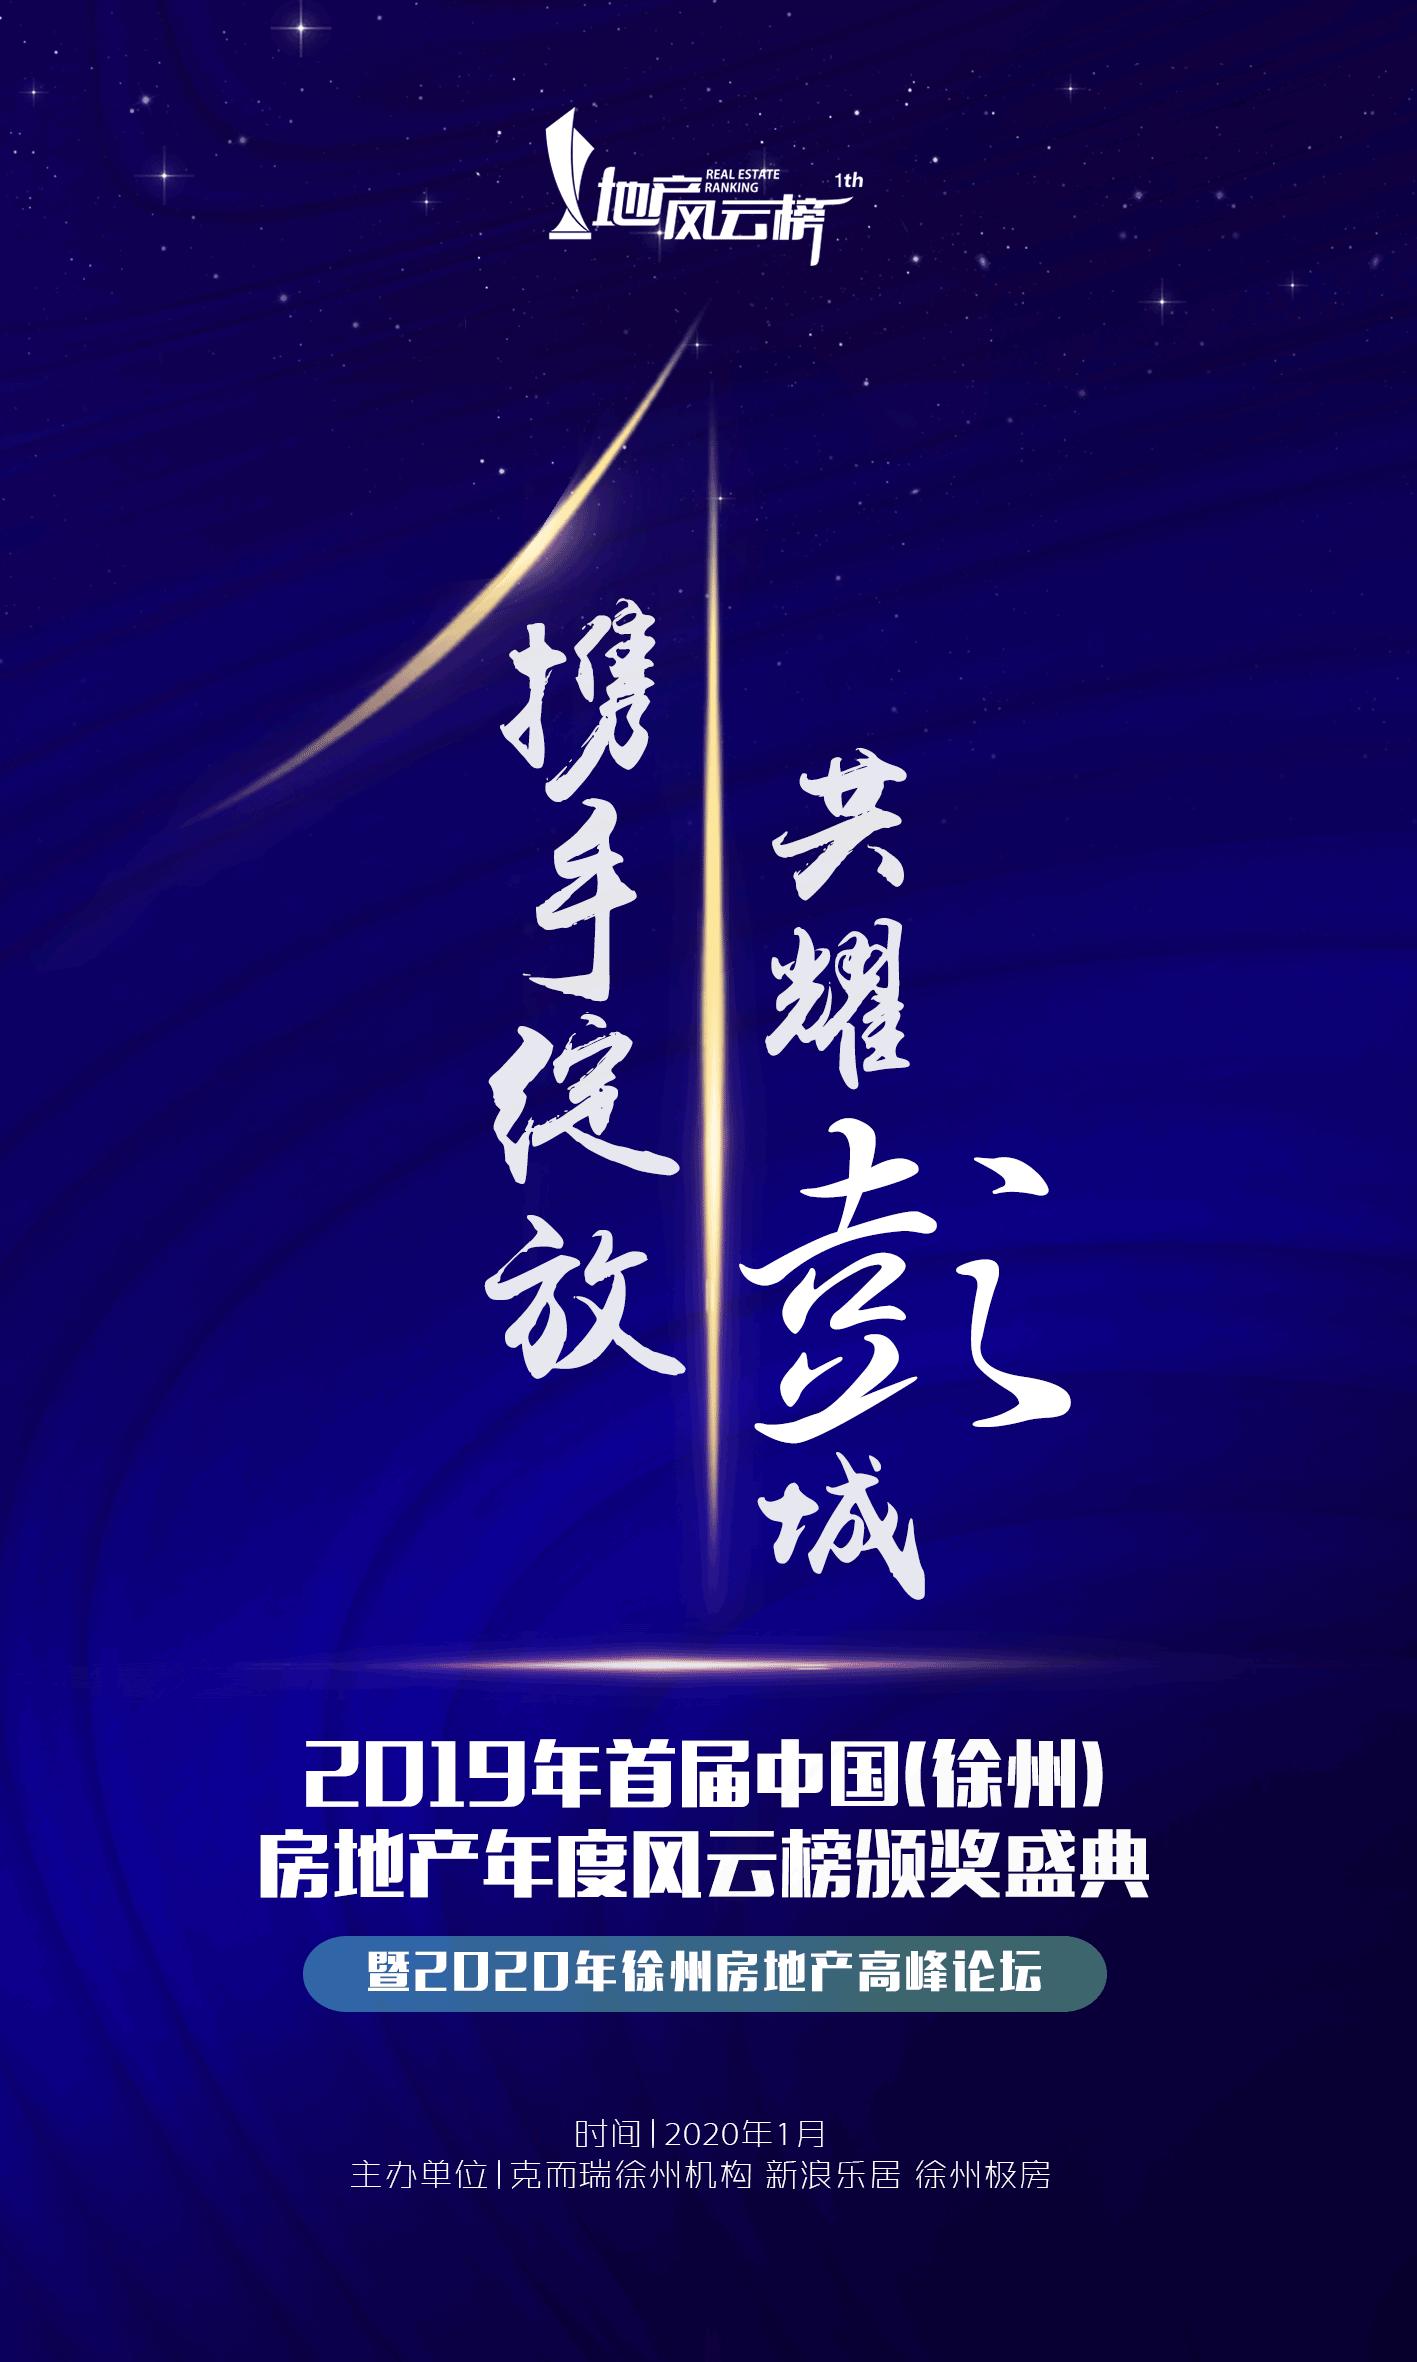 精彩:重磅!2019年首届中国(徐州)地产年度风云榜评选启幕!